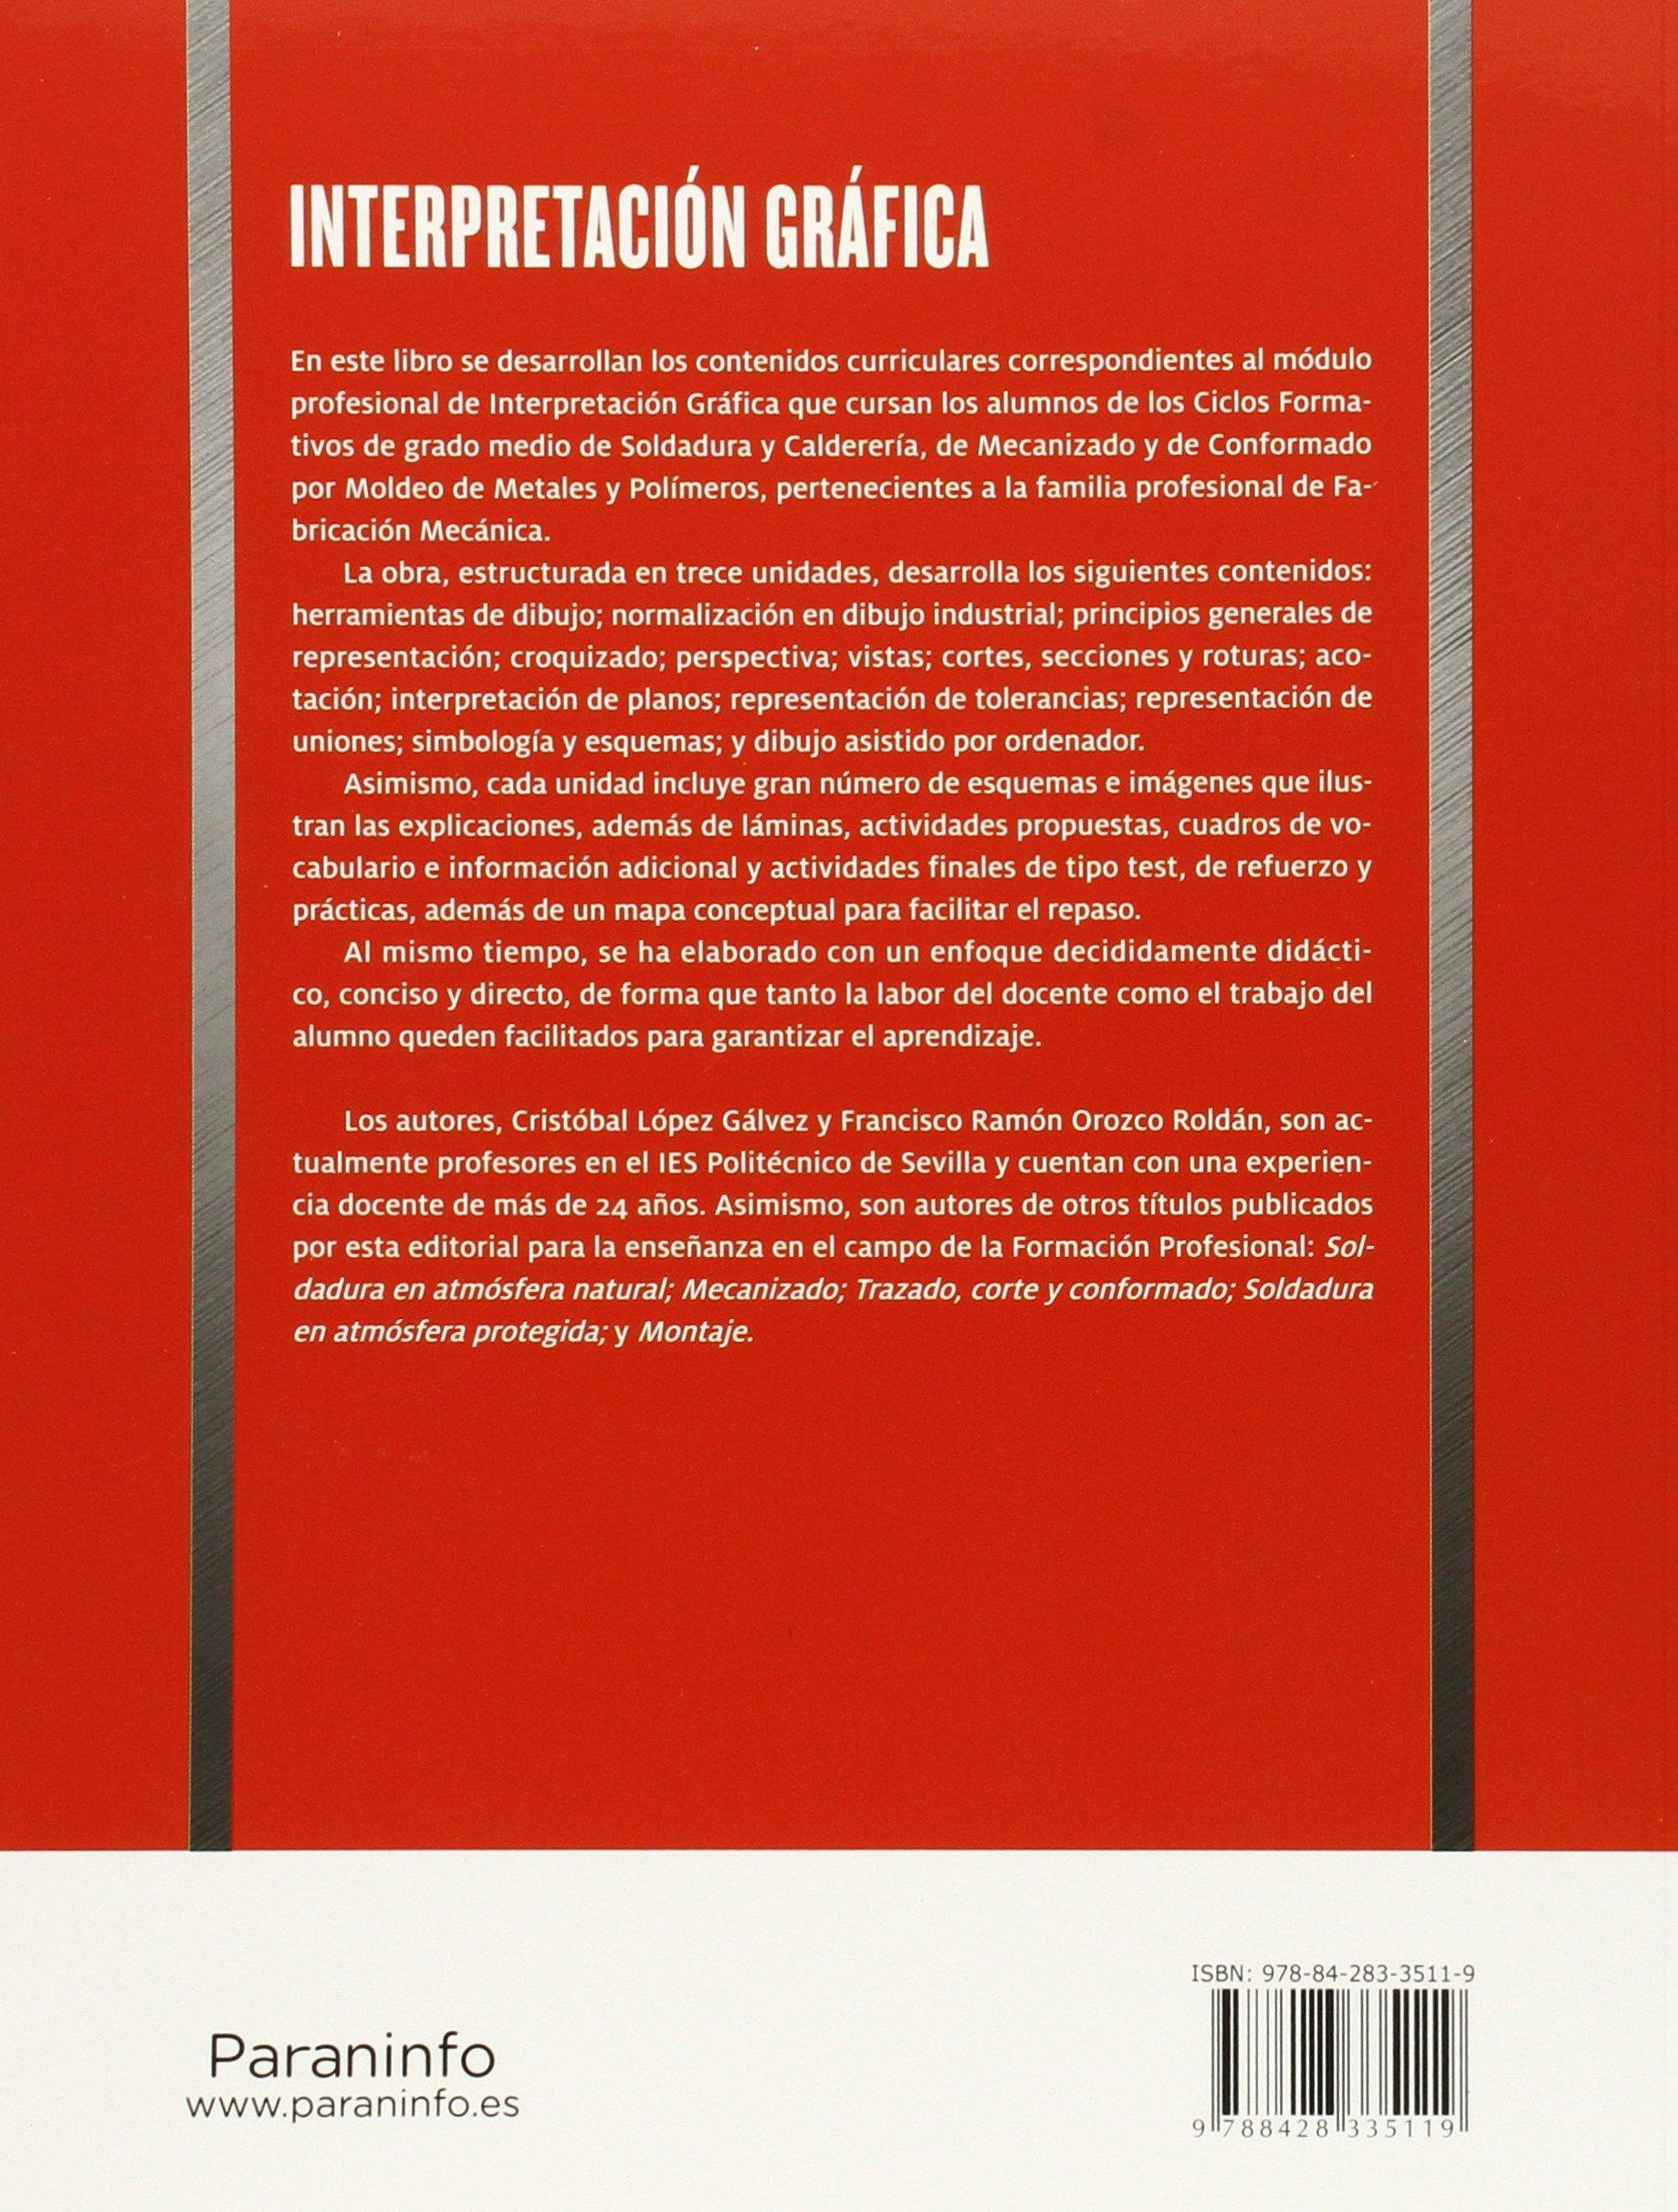 Interpretación gráfica (Fabricacion Mecanica): Amazon.es: FRANCISCO RAMÓN OROZCO ROLDÁN, CRISTOBAL LÓPEZ GÁLVEZ: Libros